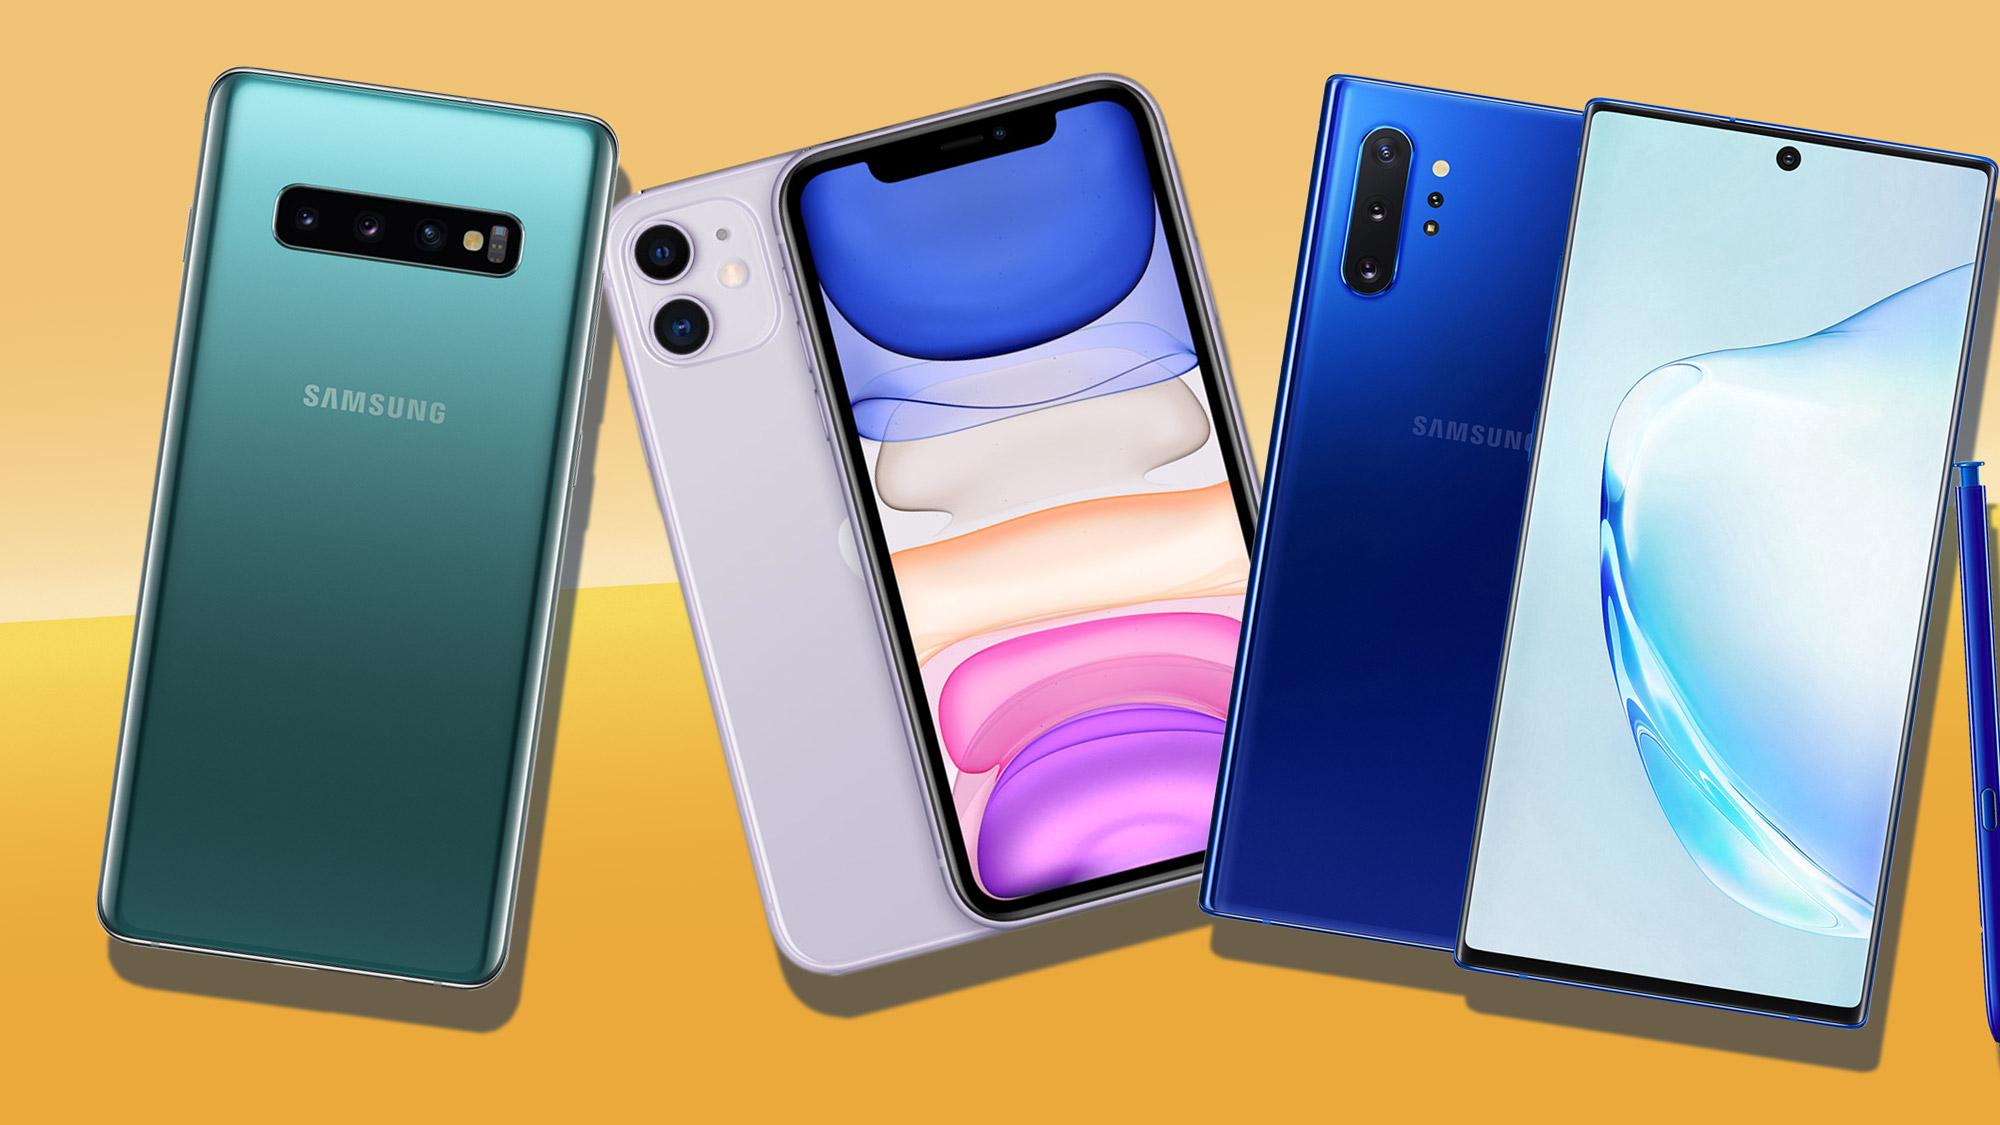 Trendiest Samsung Smartphones